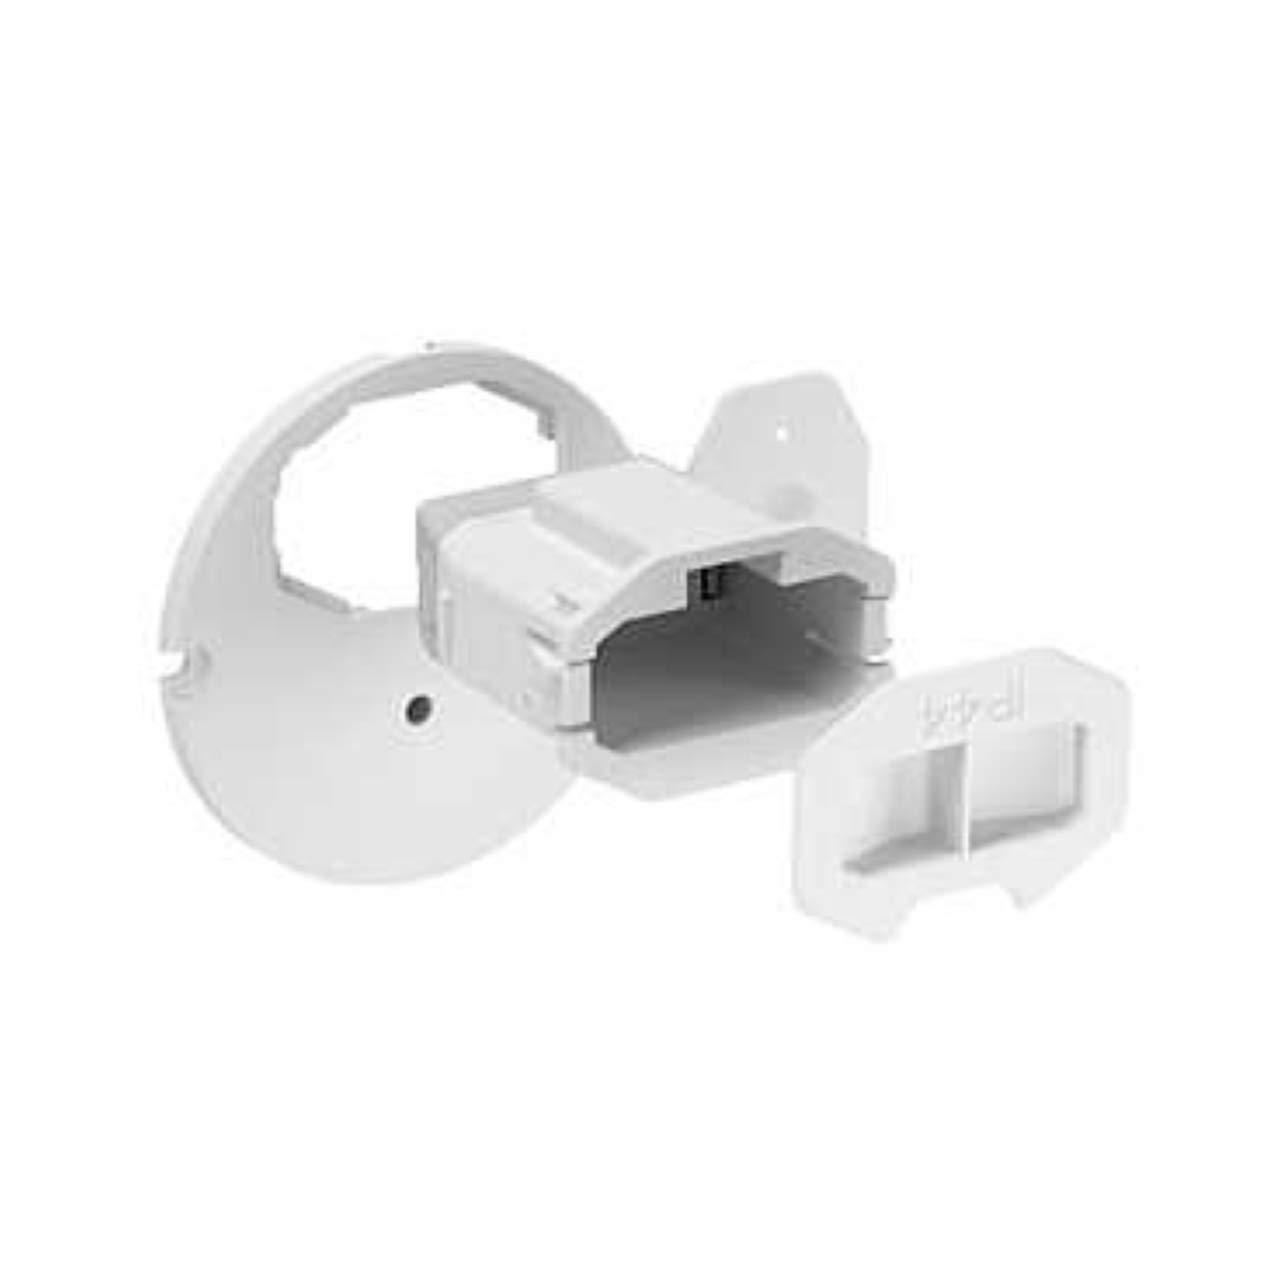 couvercle et connecteur dcl schneider electric alb71910 pour boites appliques